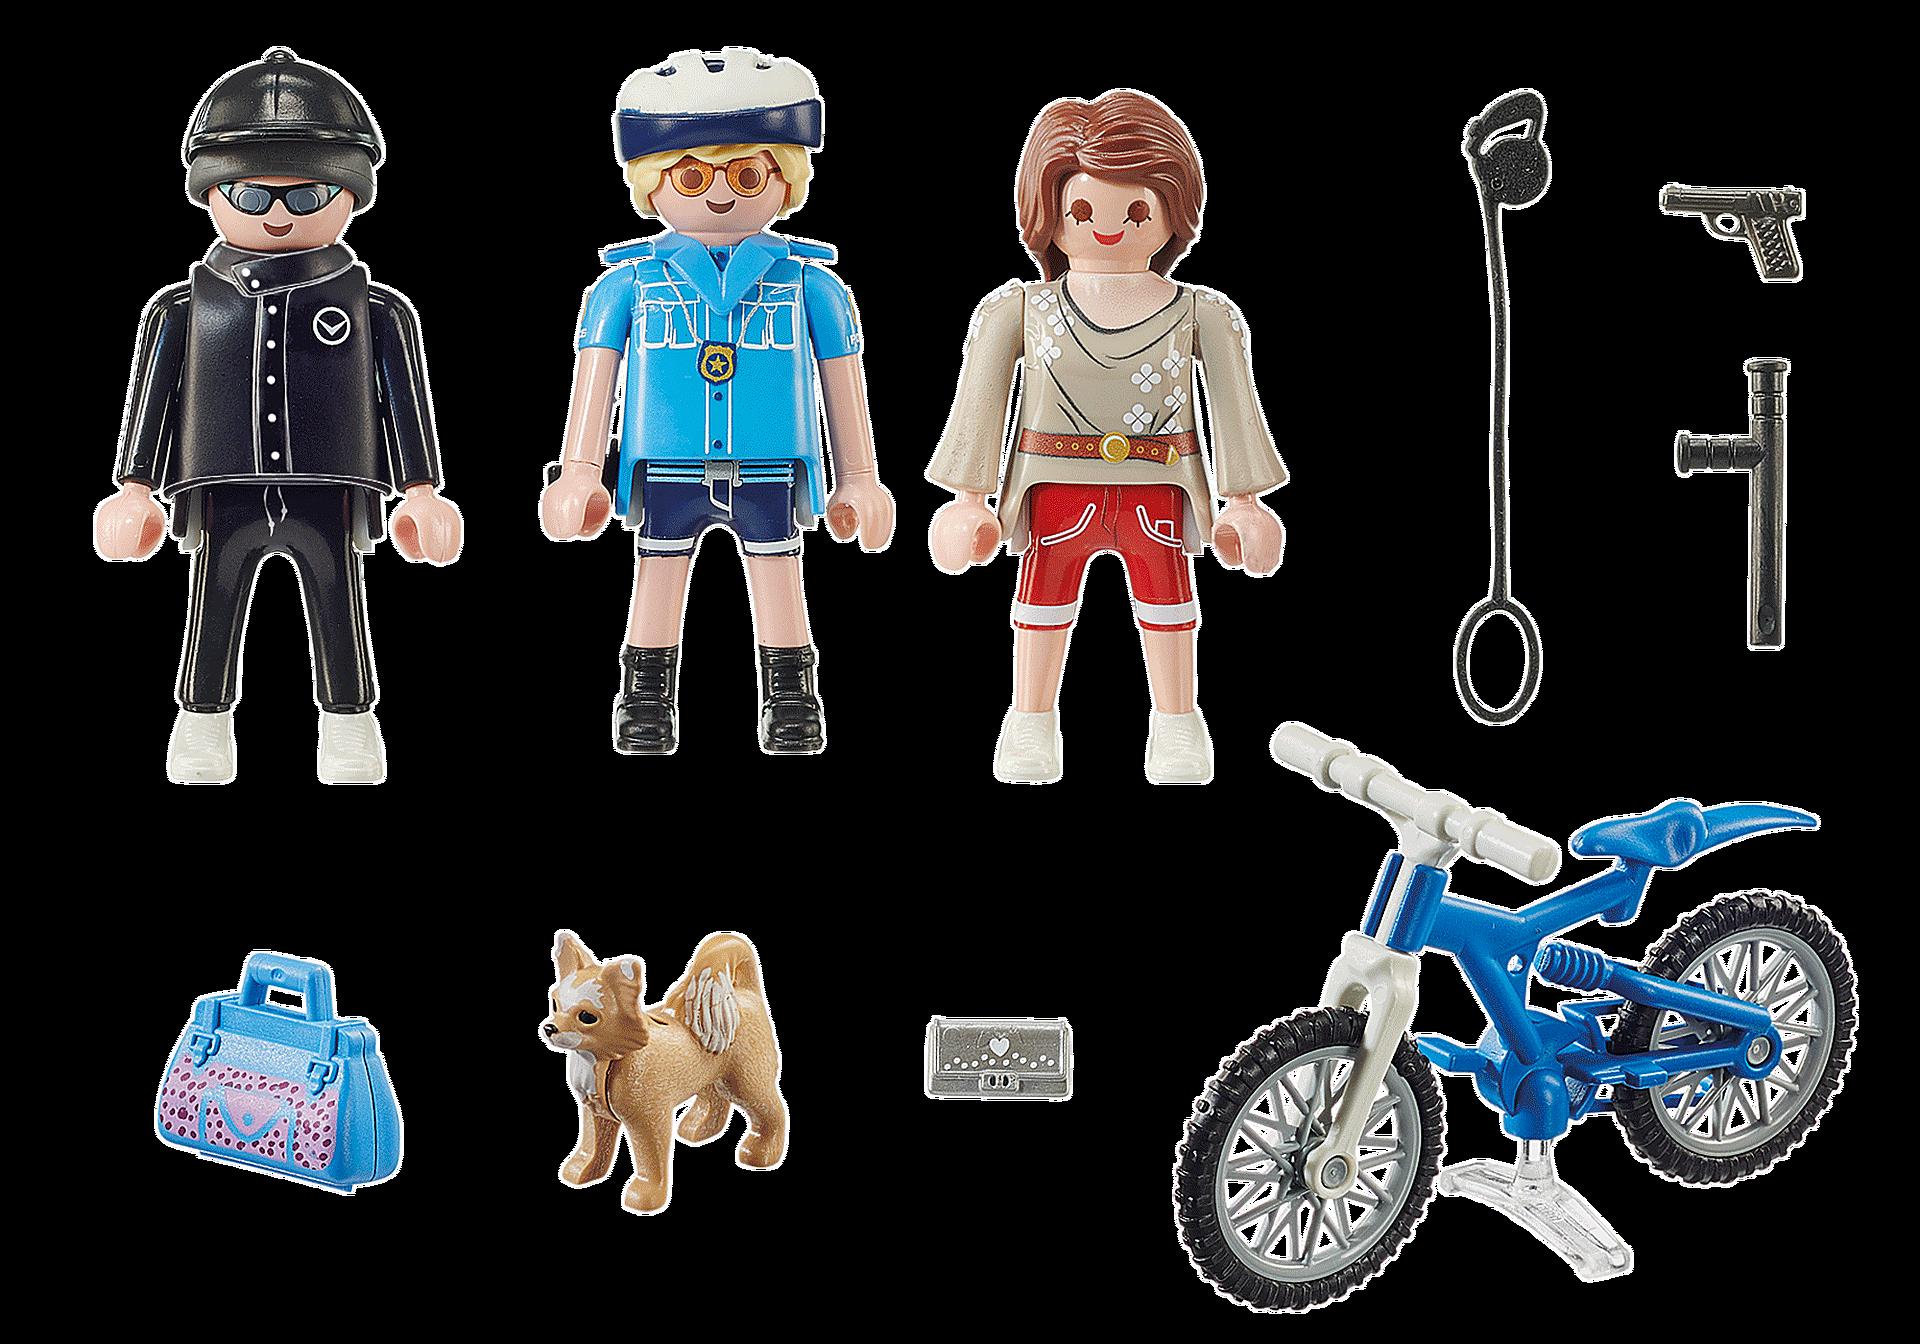 70573 Polizei-Fahrrad: Verfolgung des Taschendiebs zoom image4